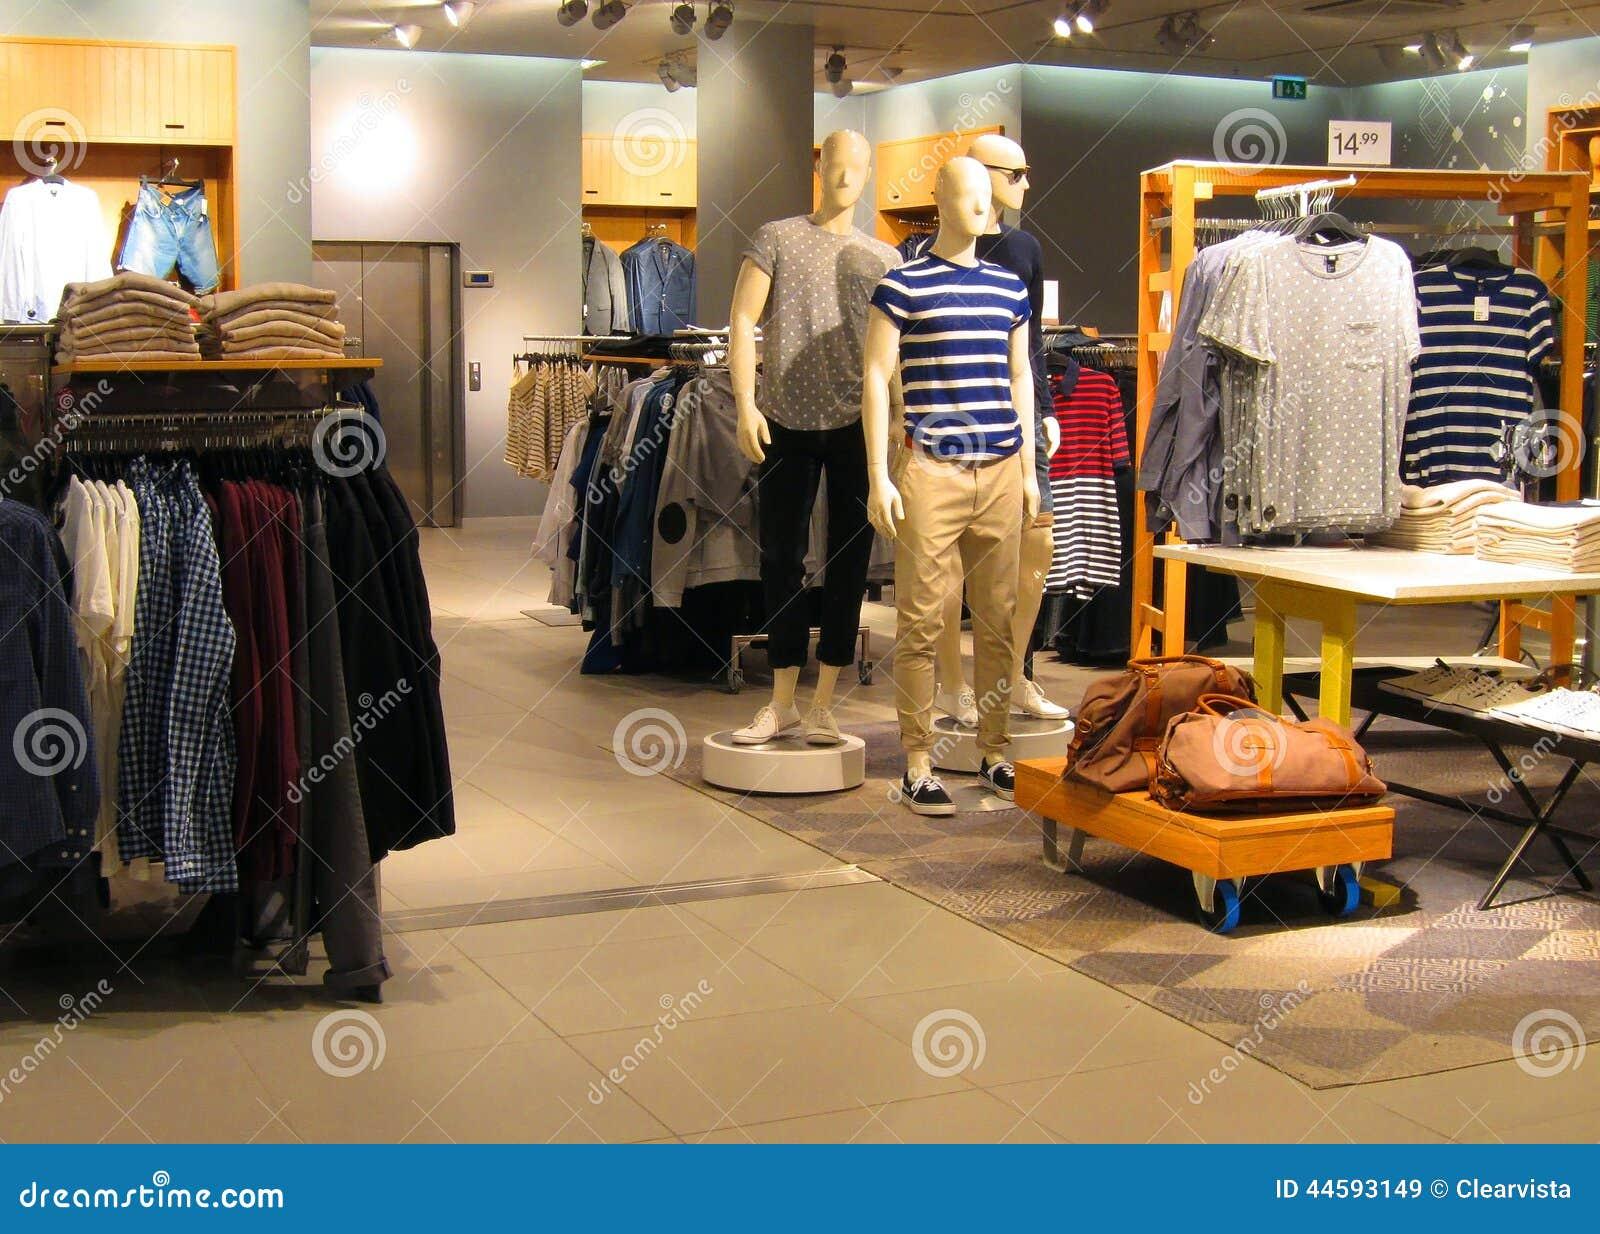 wardrobe UFO Clothing Store